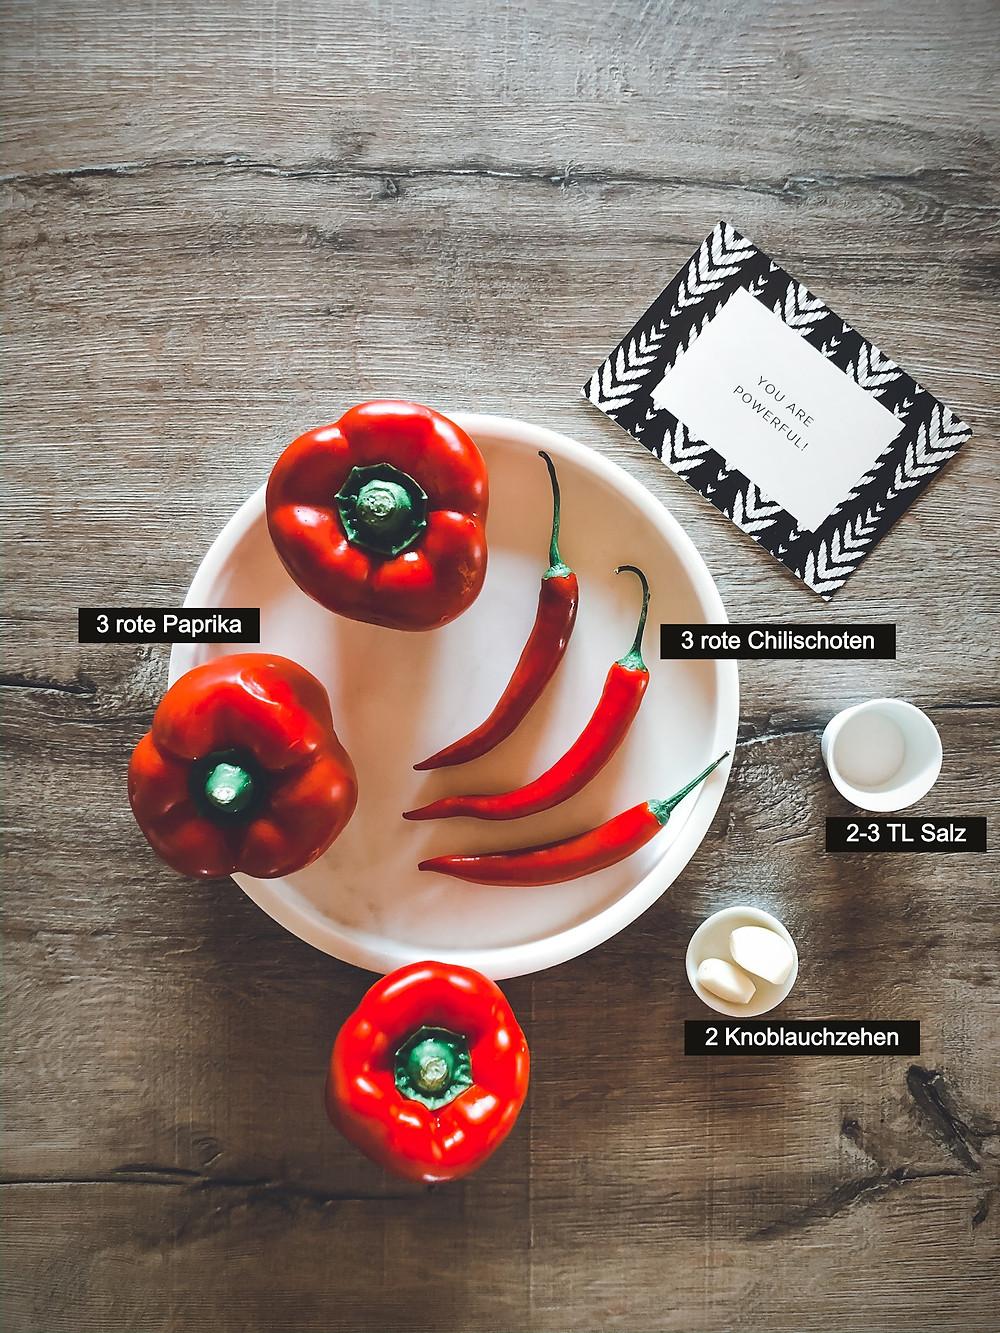 focusflowfood Adschika einfaches Rezept gesund schnelle Zubereitung Paprika Chilischoten scharf